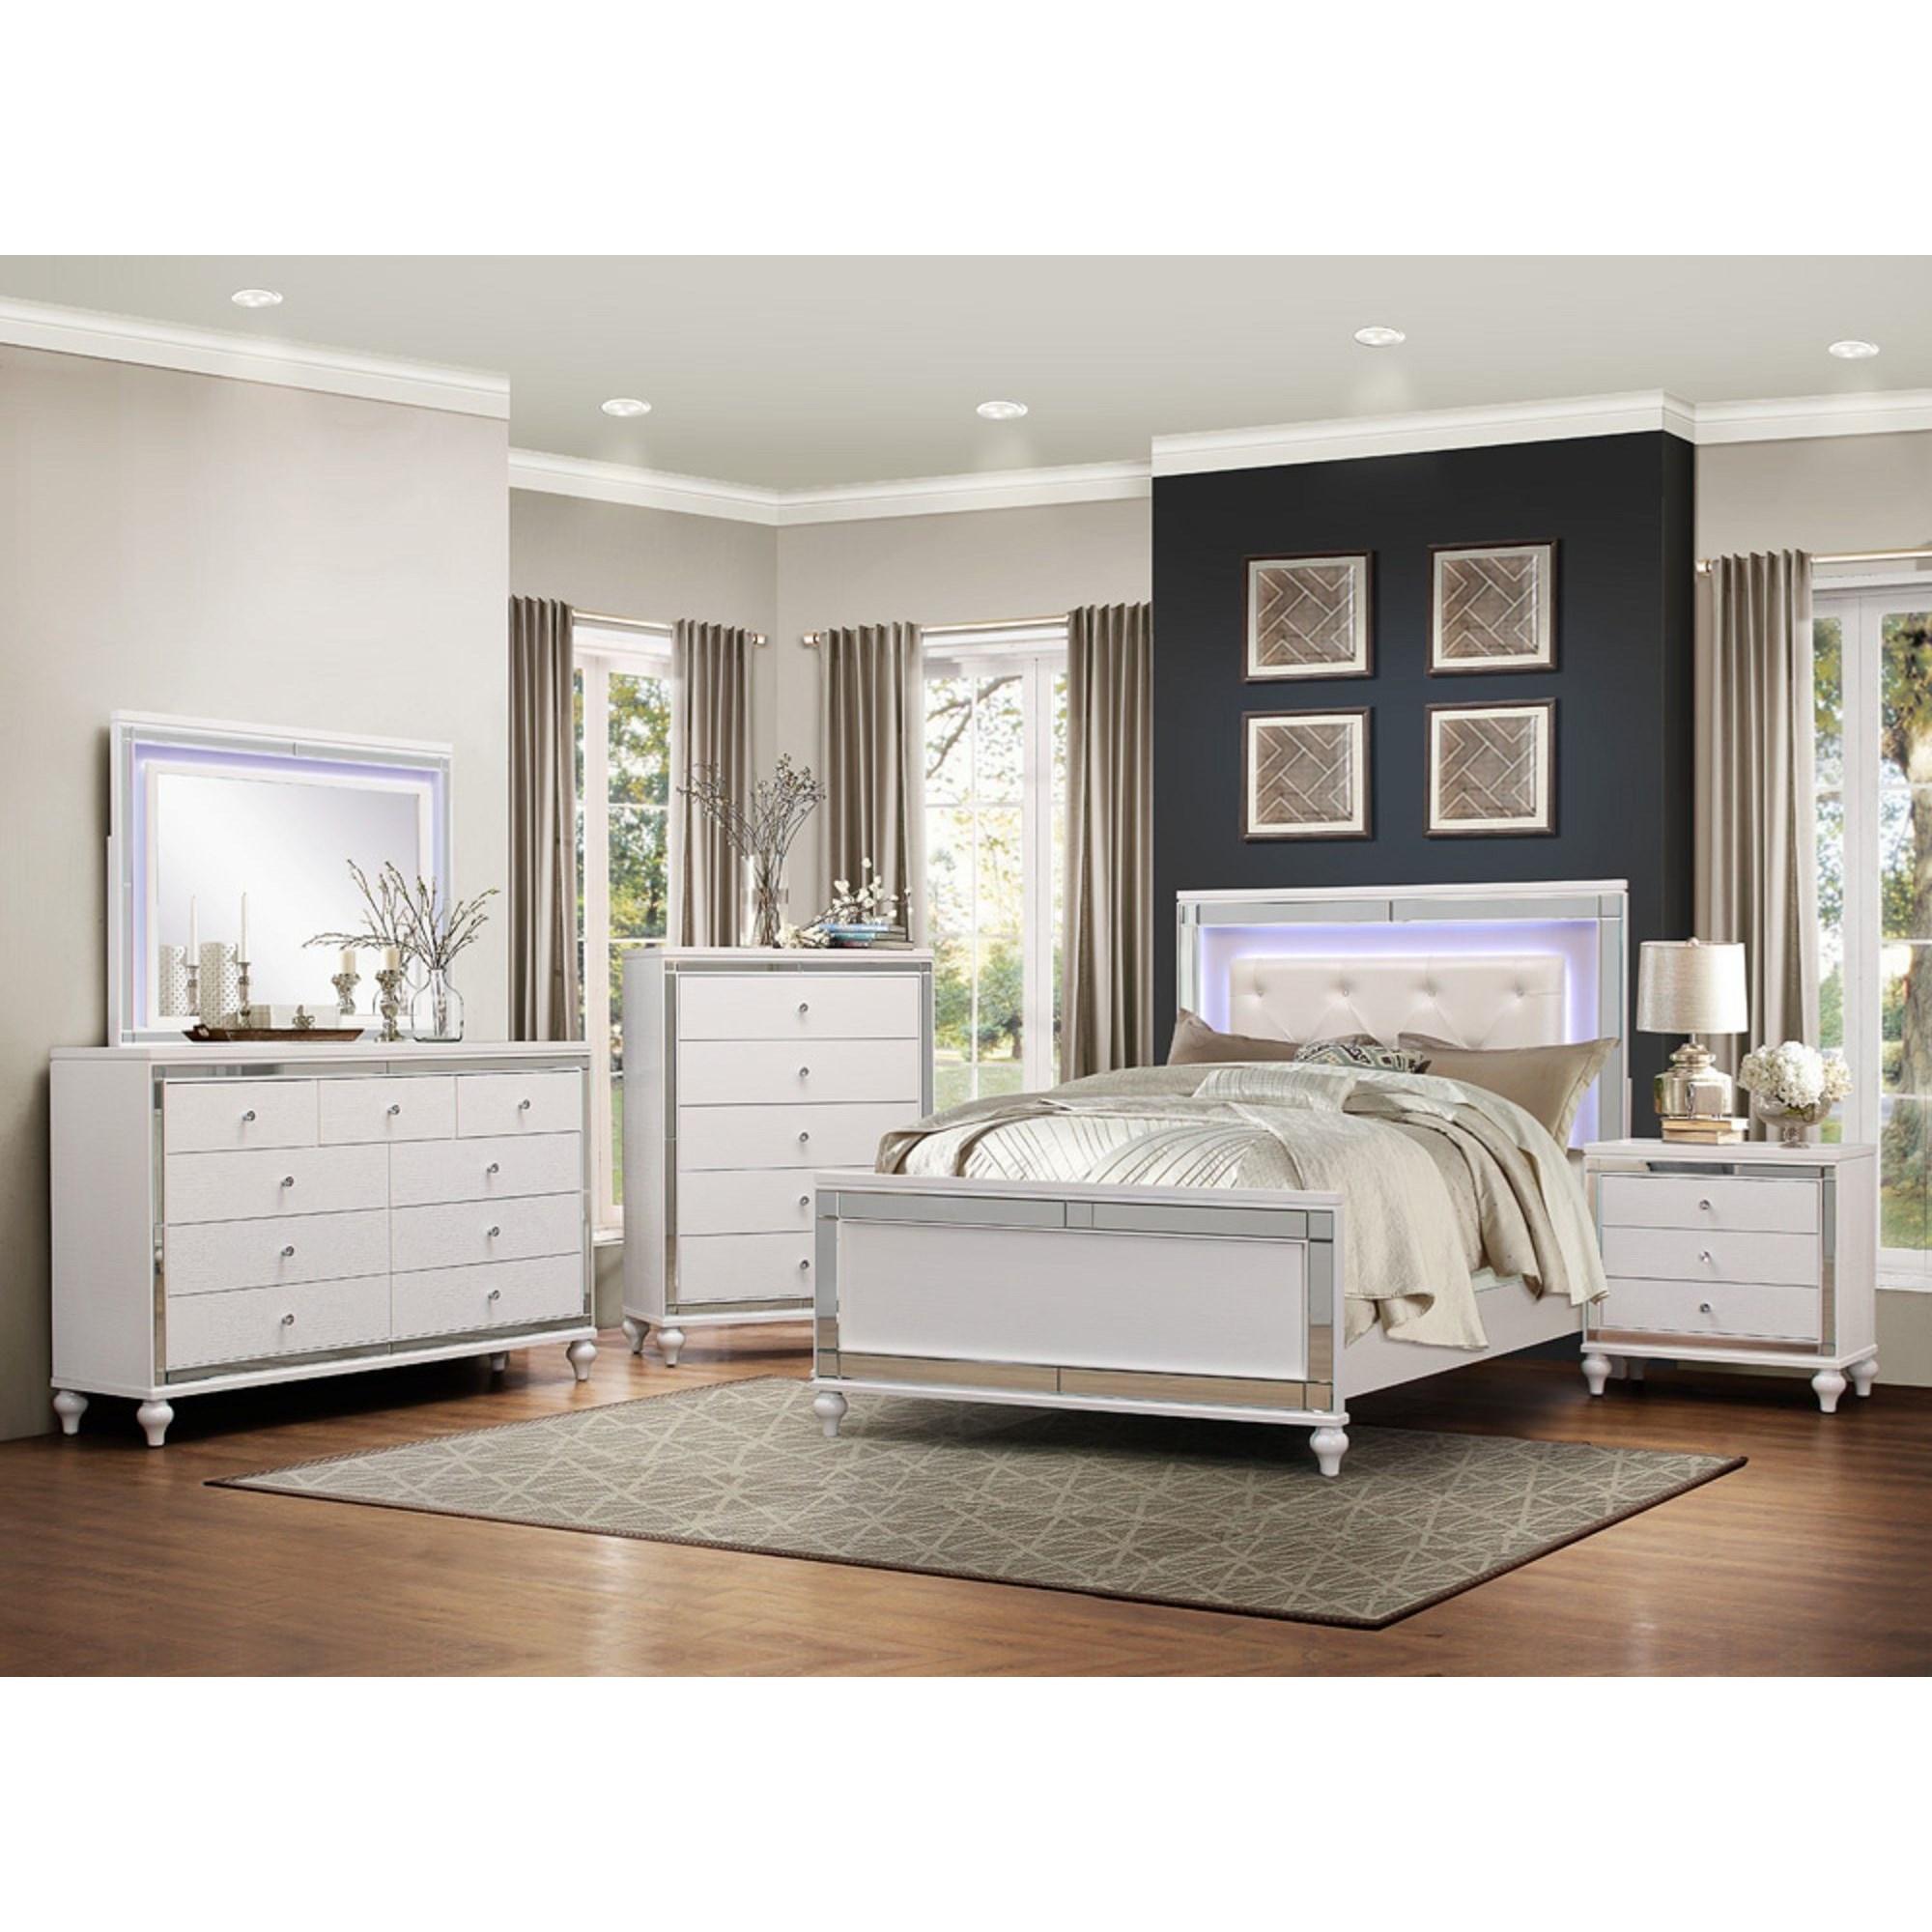 Queen Lit Bedroom Group